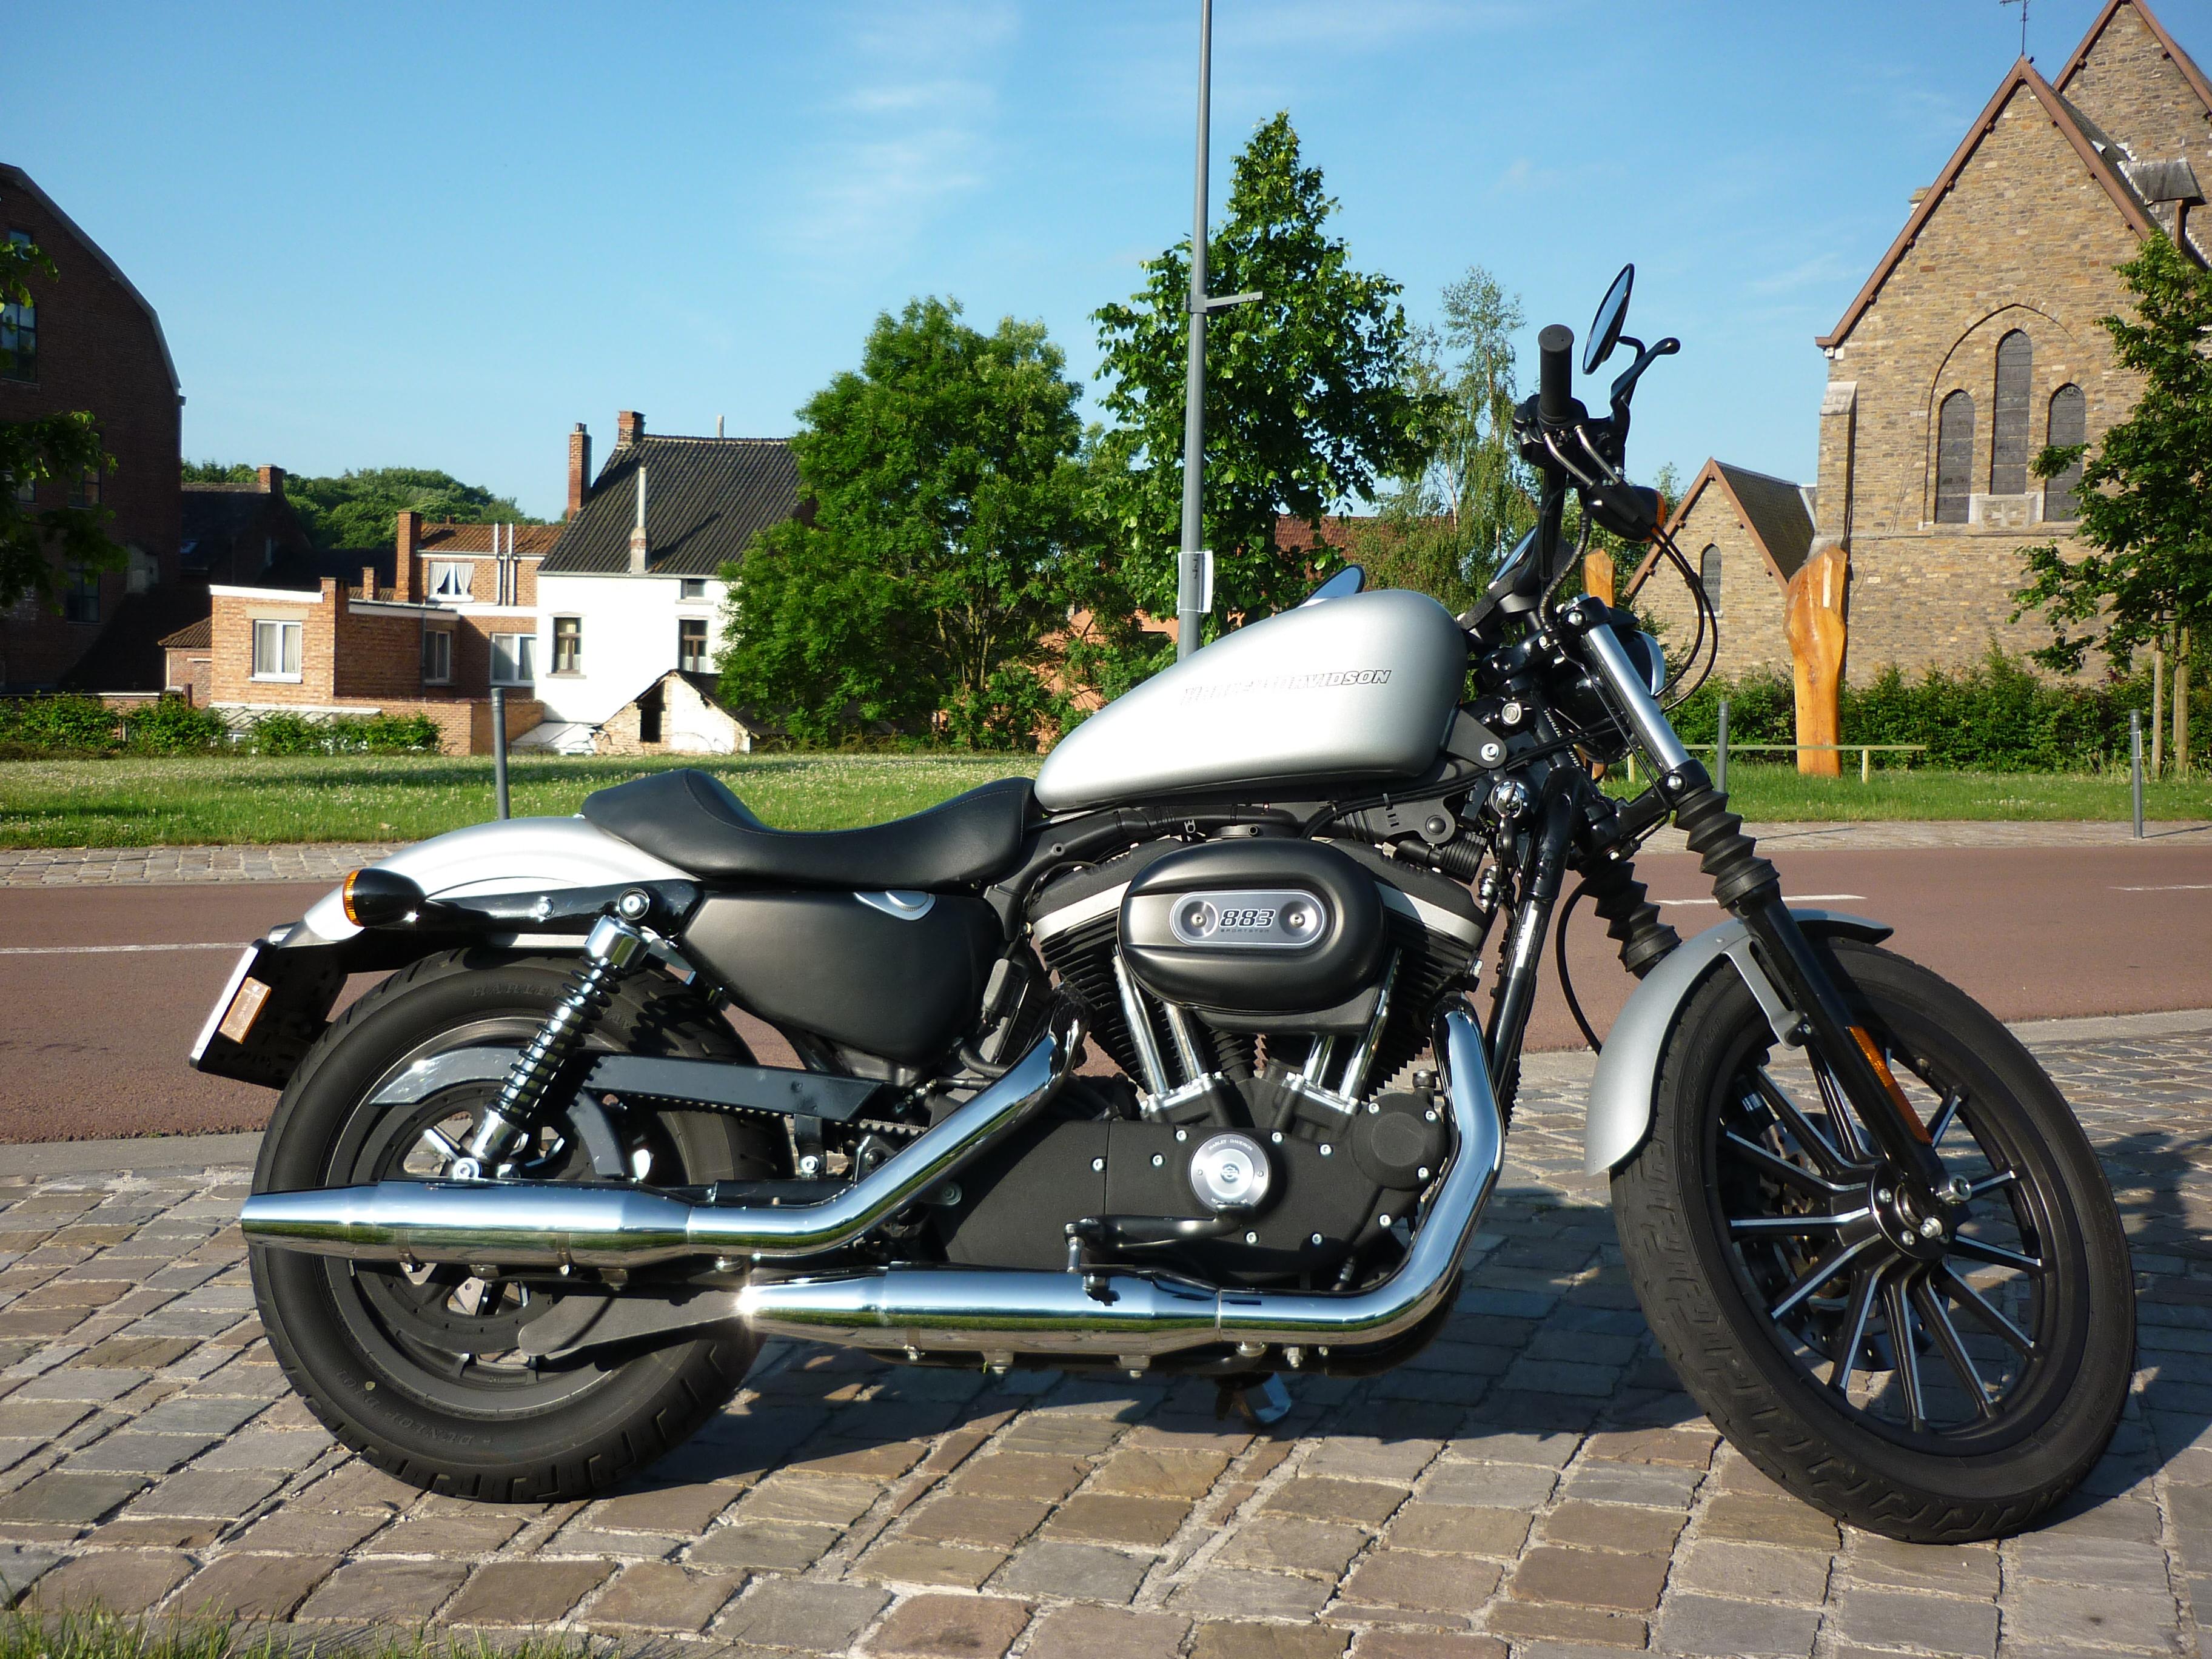 harley davidson 883 iron le roadster selon harley objectif moto. Black Bedroom Furniture Sets. Home Design Ideas